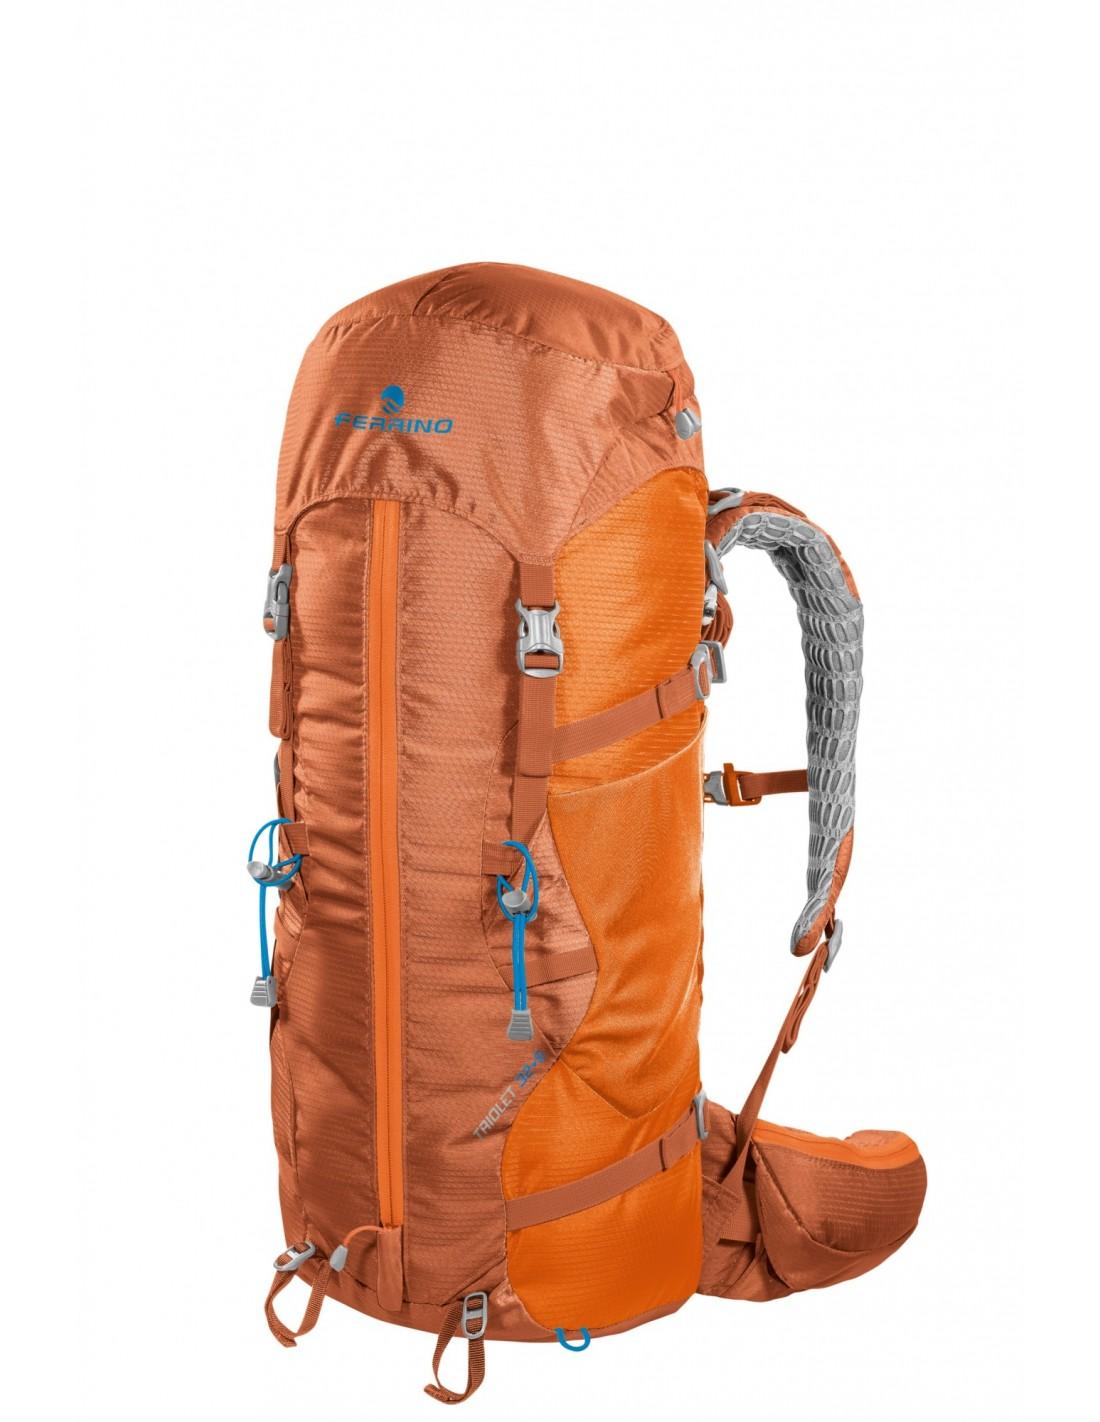 Ferrino Rucksack BACKPACK TRIOLET 32+5, orange Rucksackart - Wandern & Trek günstig online kaufen